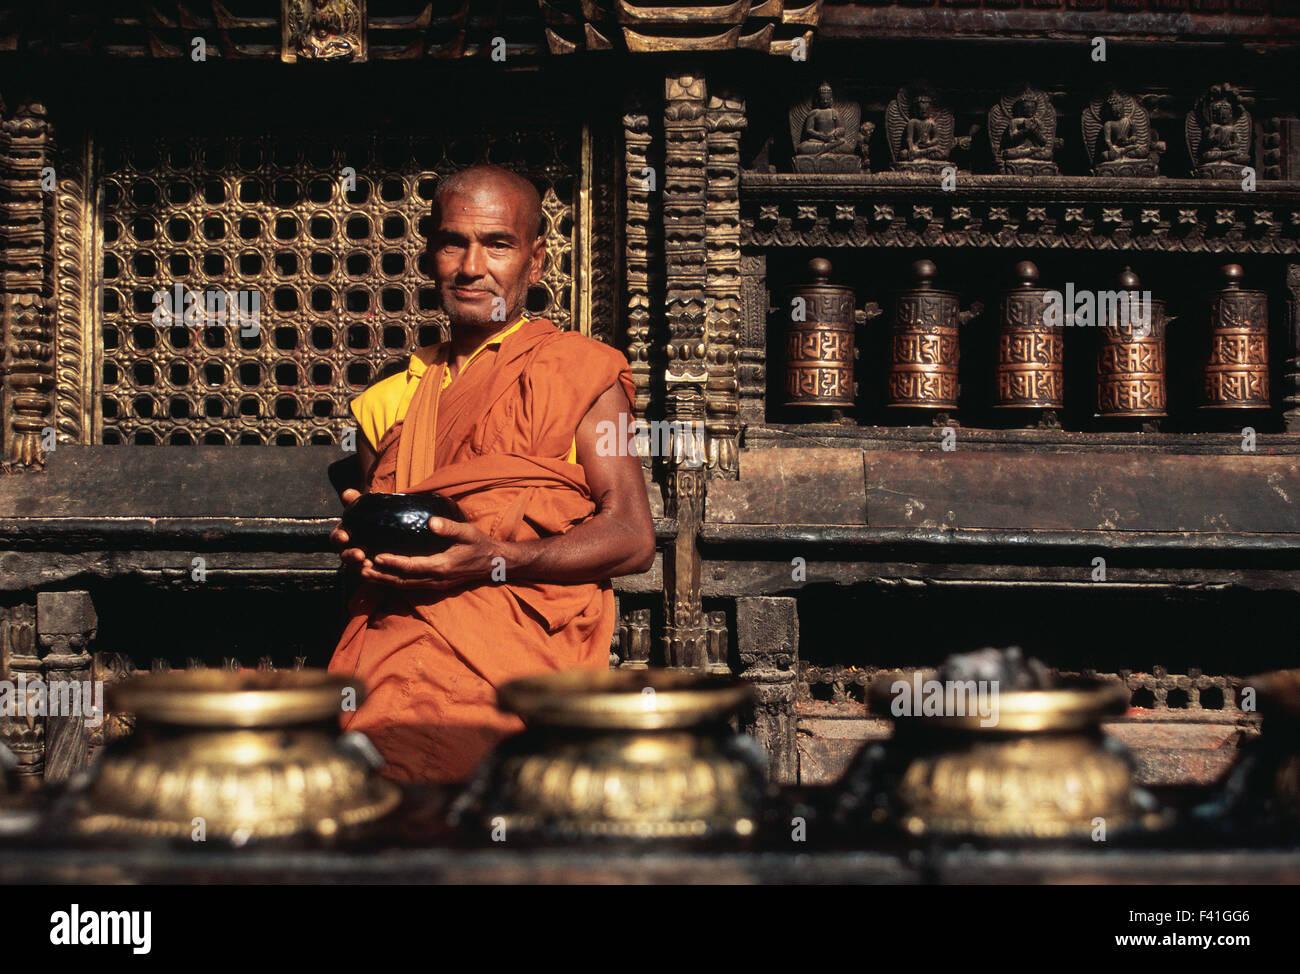 Moine bouddhiste theravada en attente de l'aumône dans le temple Harati ( Népal) Photo Stock